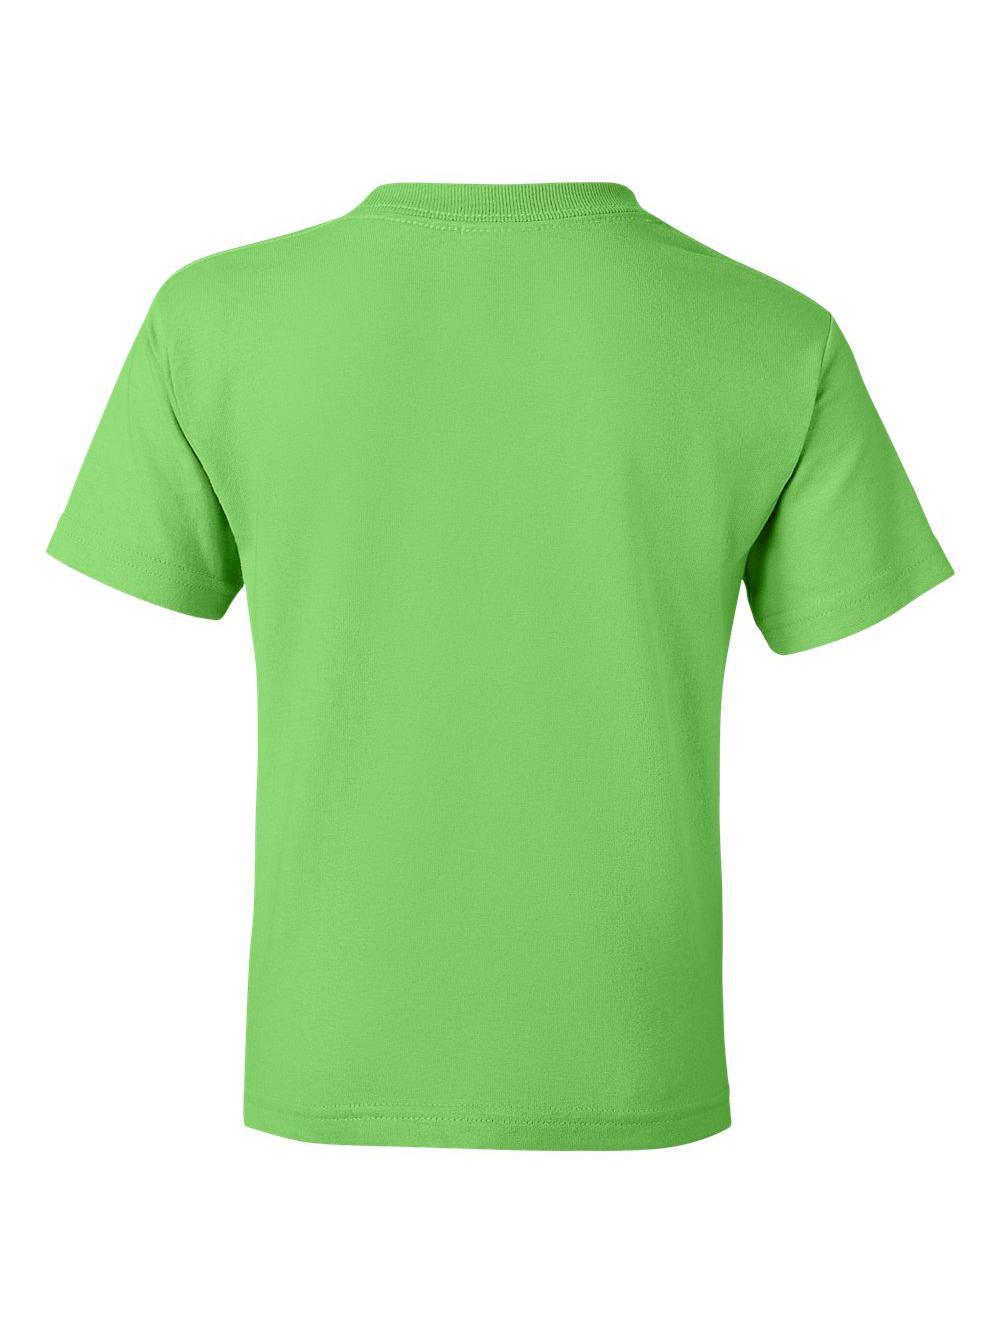 Gildan-DryBlend-Youth-50-50-T-Shirt-8000B thumbnail 61